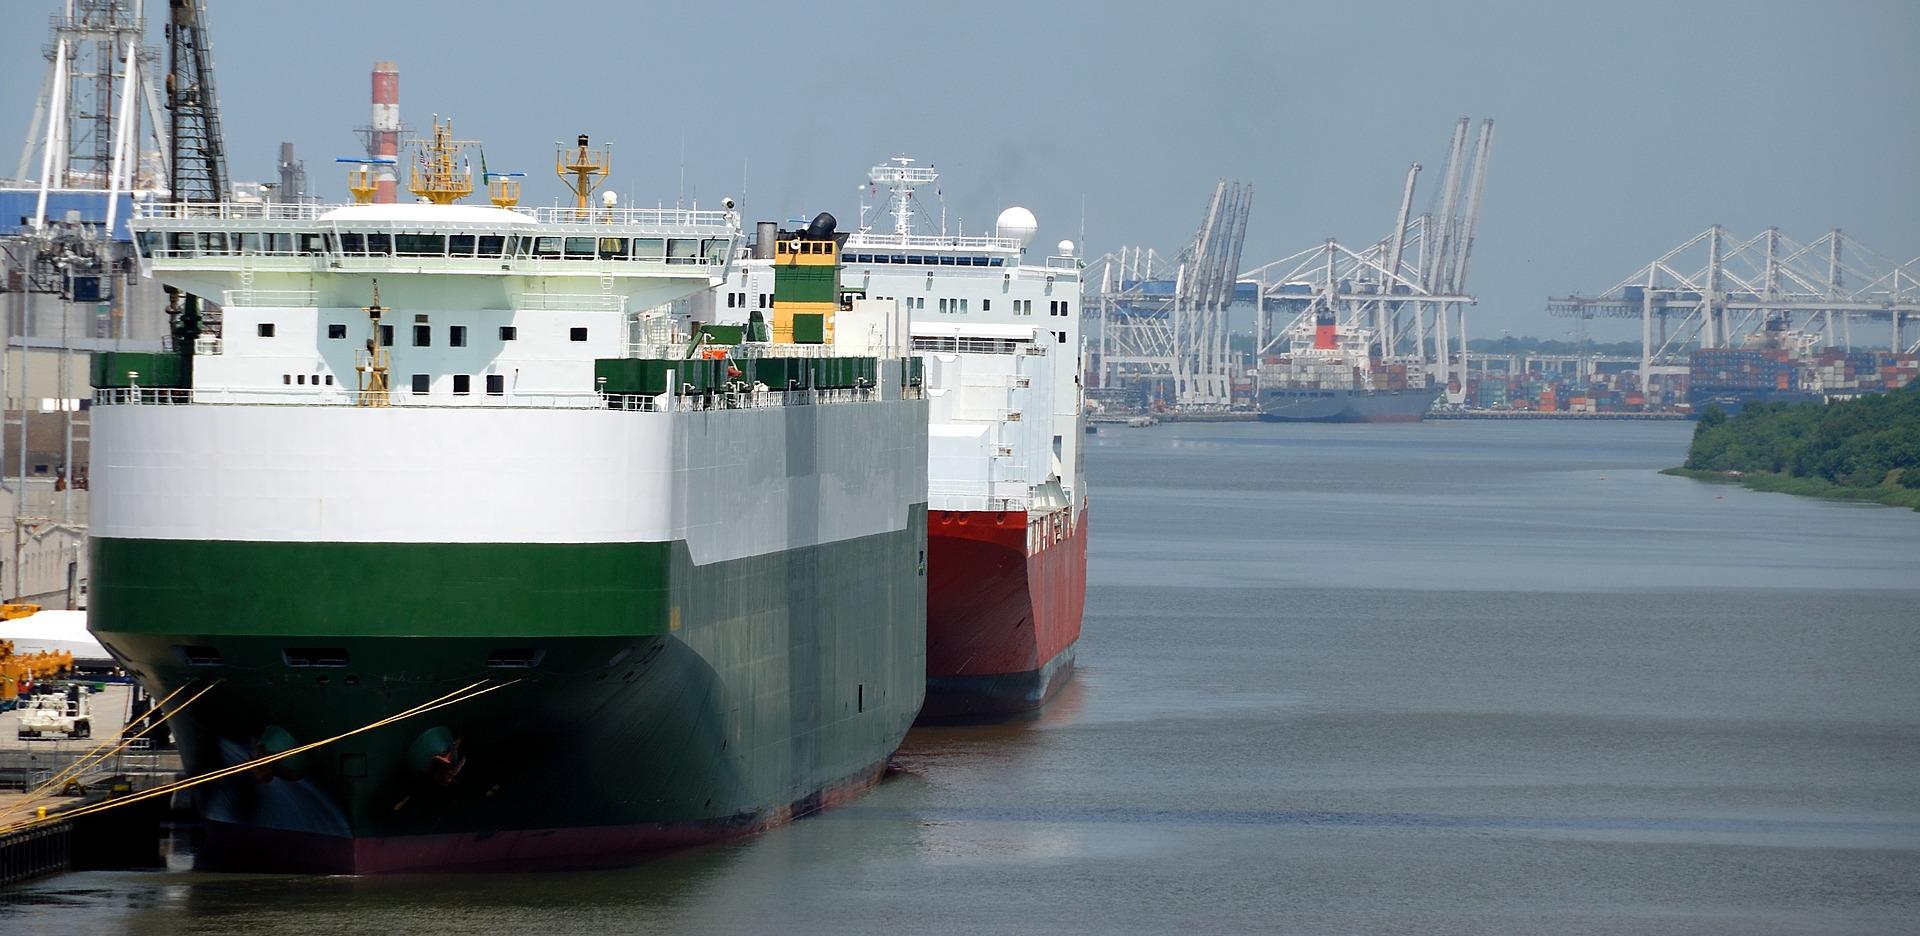 Zwei Frachter liegen auf dem Wasser, im Hintergrund sieht man einen Industriehafen